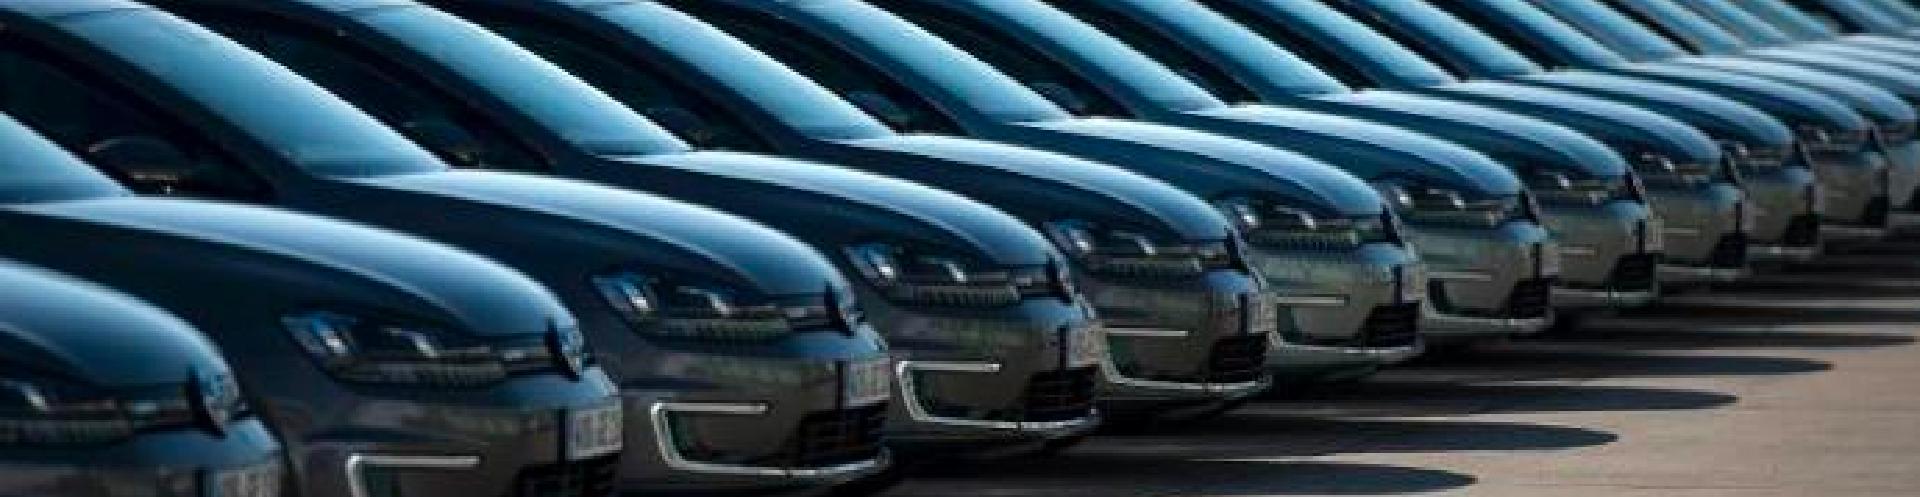 Image ligne de voitures